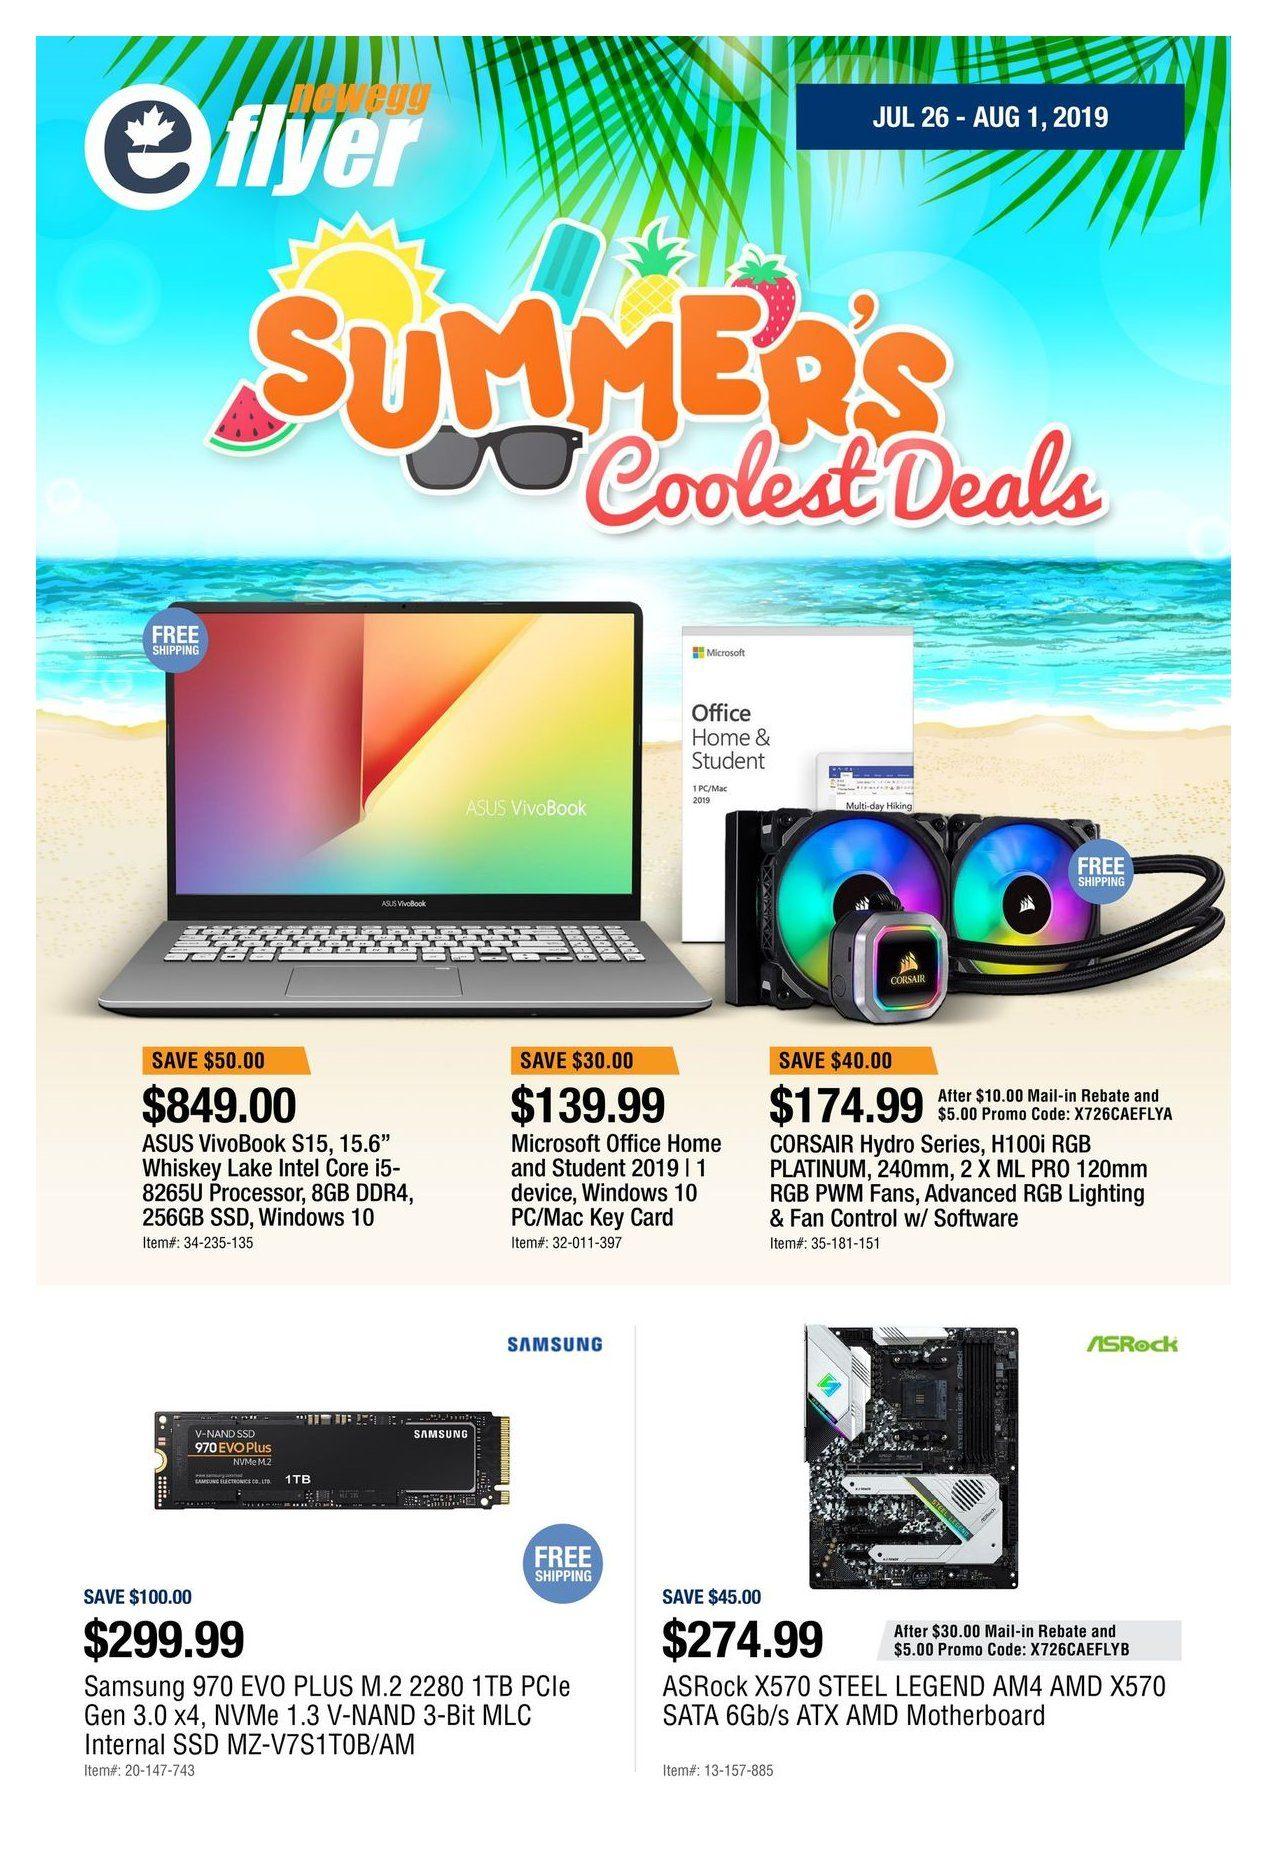 Newegg Weekly Flyer - Summer's Coolest Deals - Jul 26 – Aug 1